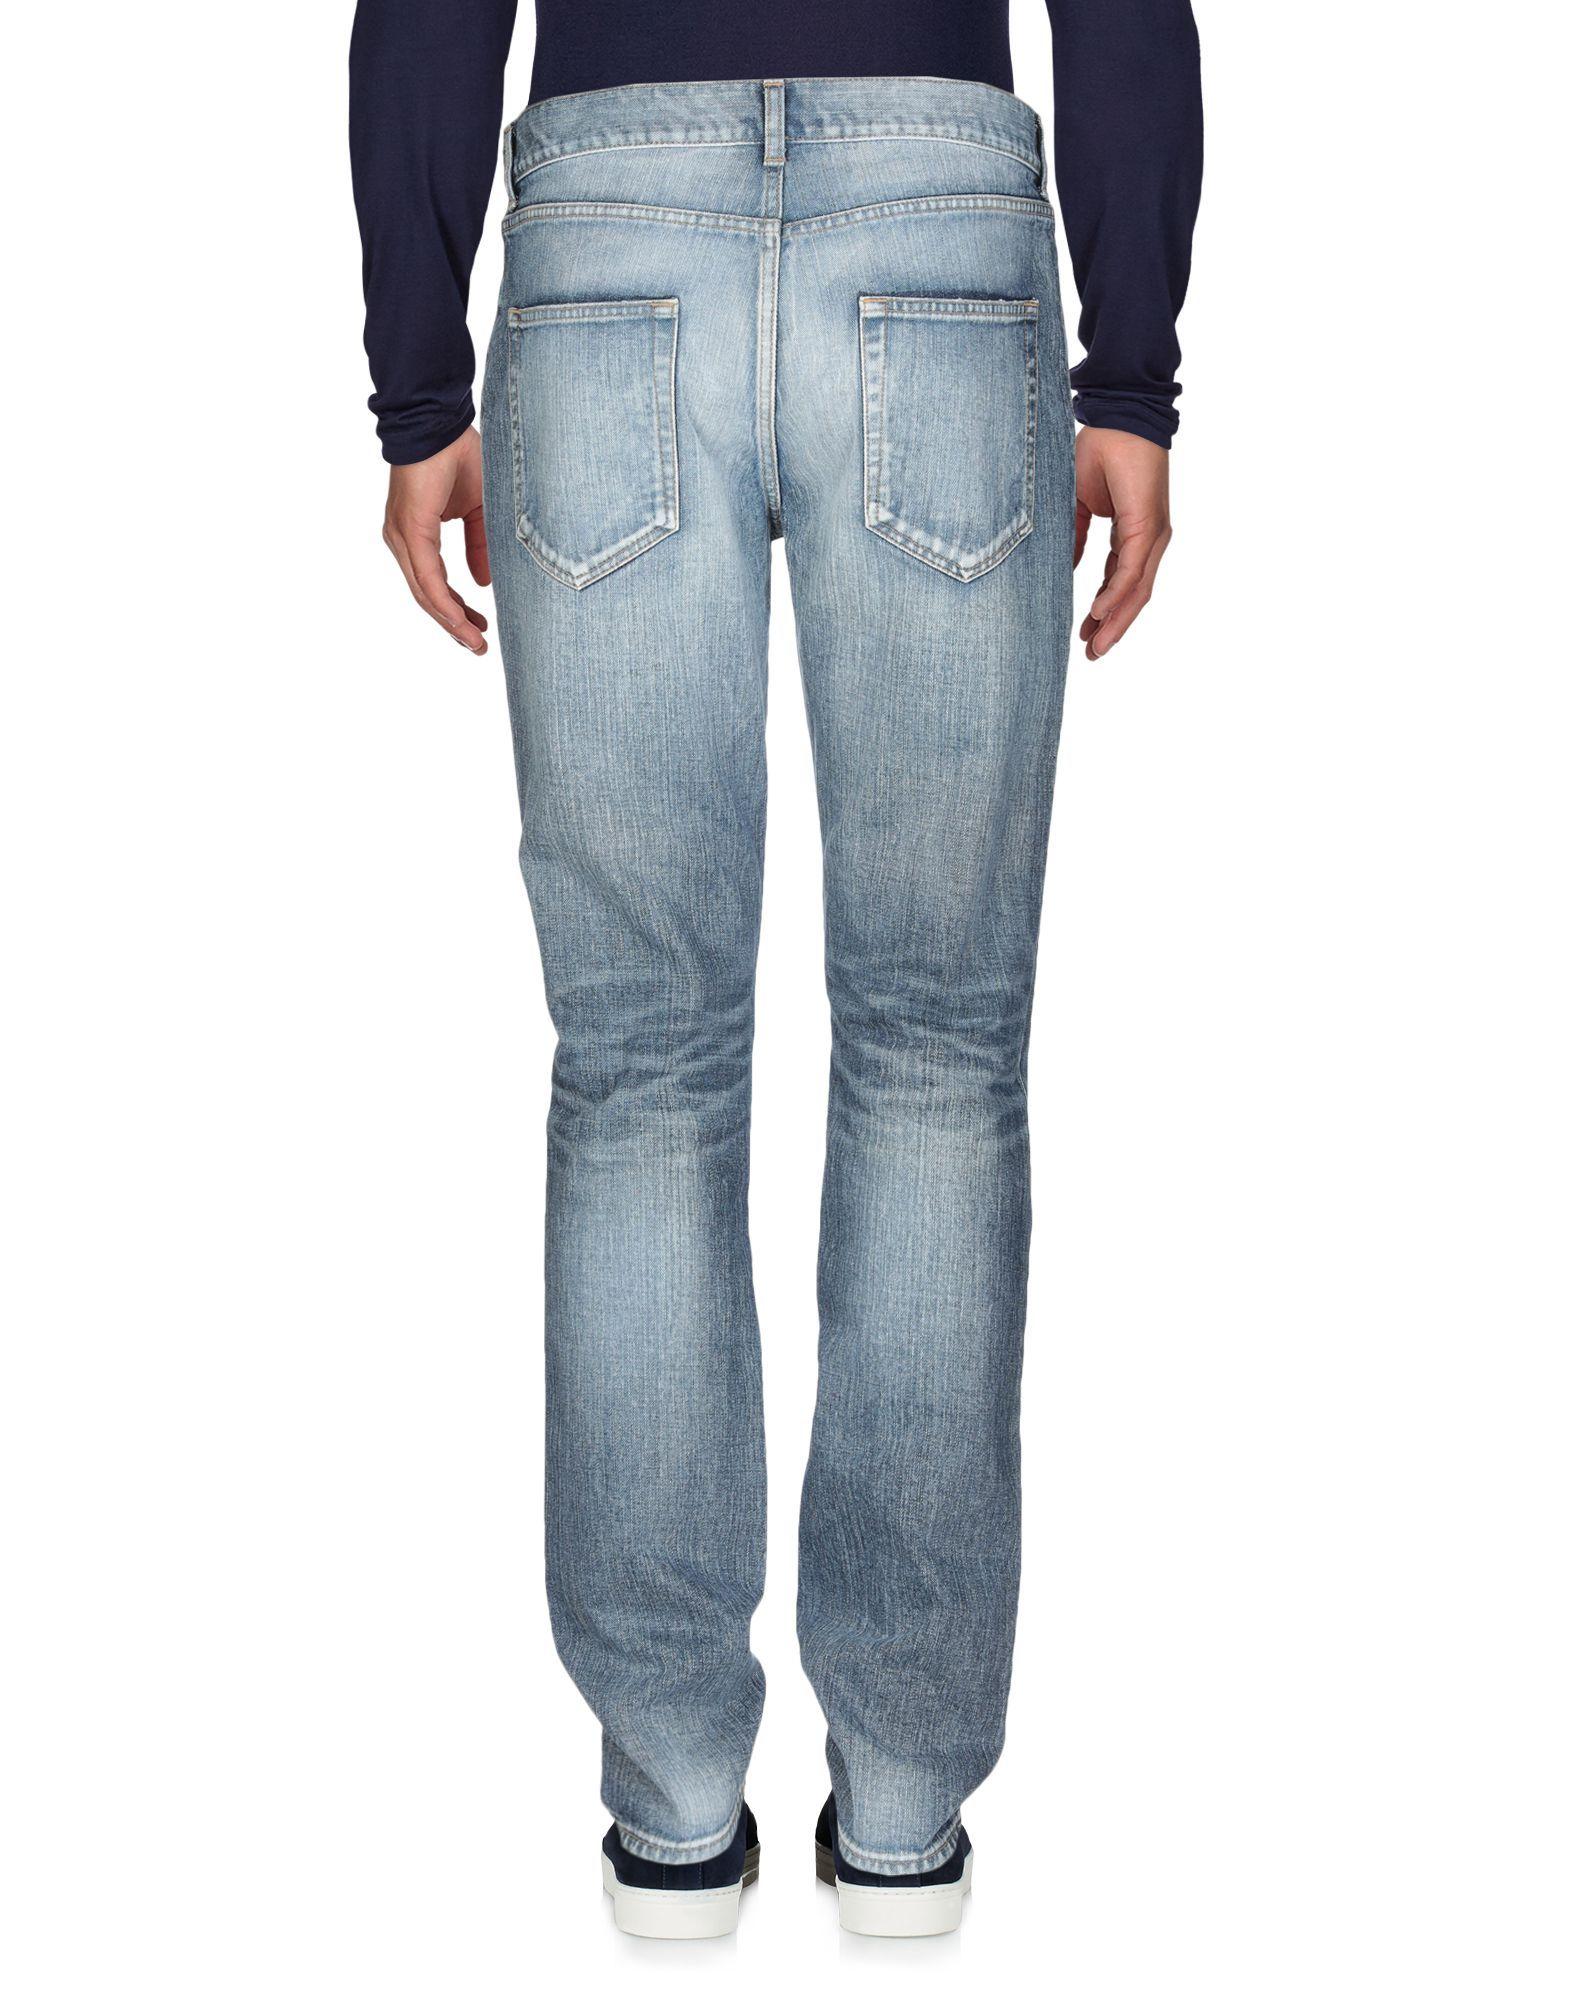 Saint Laurent Blue Cotton Jeans